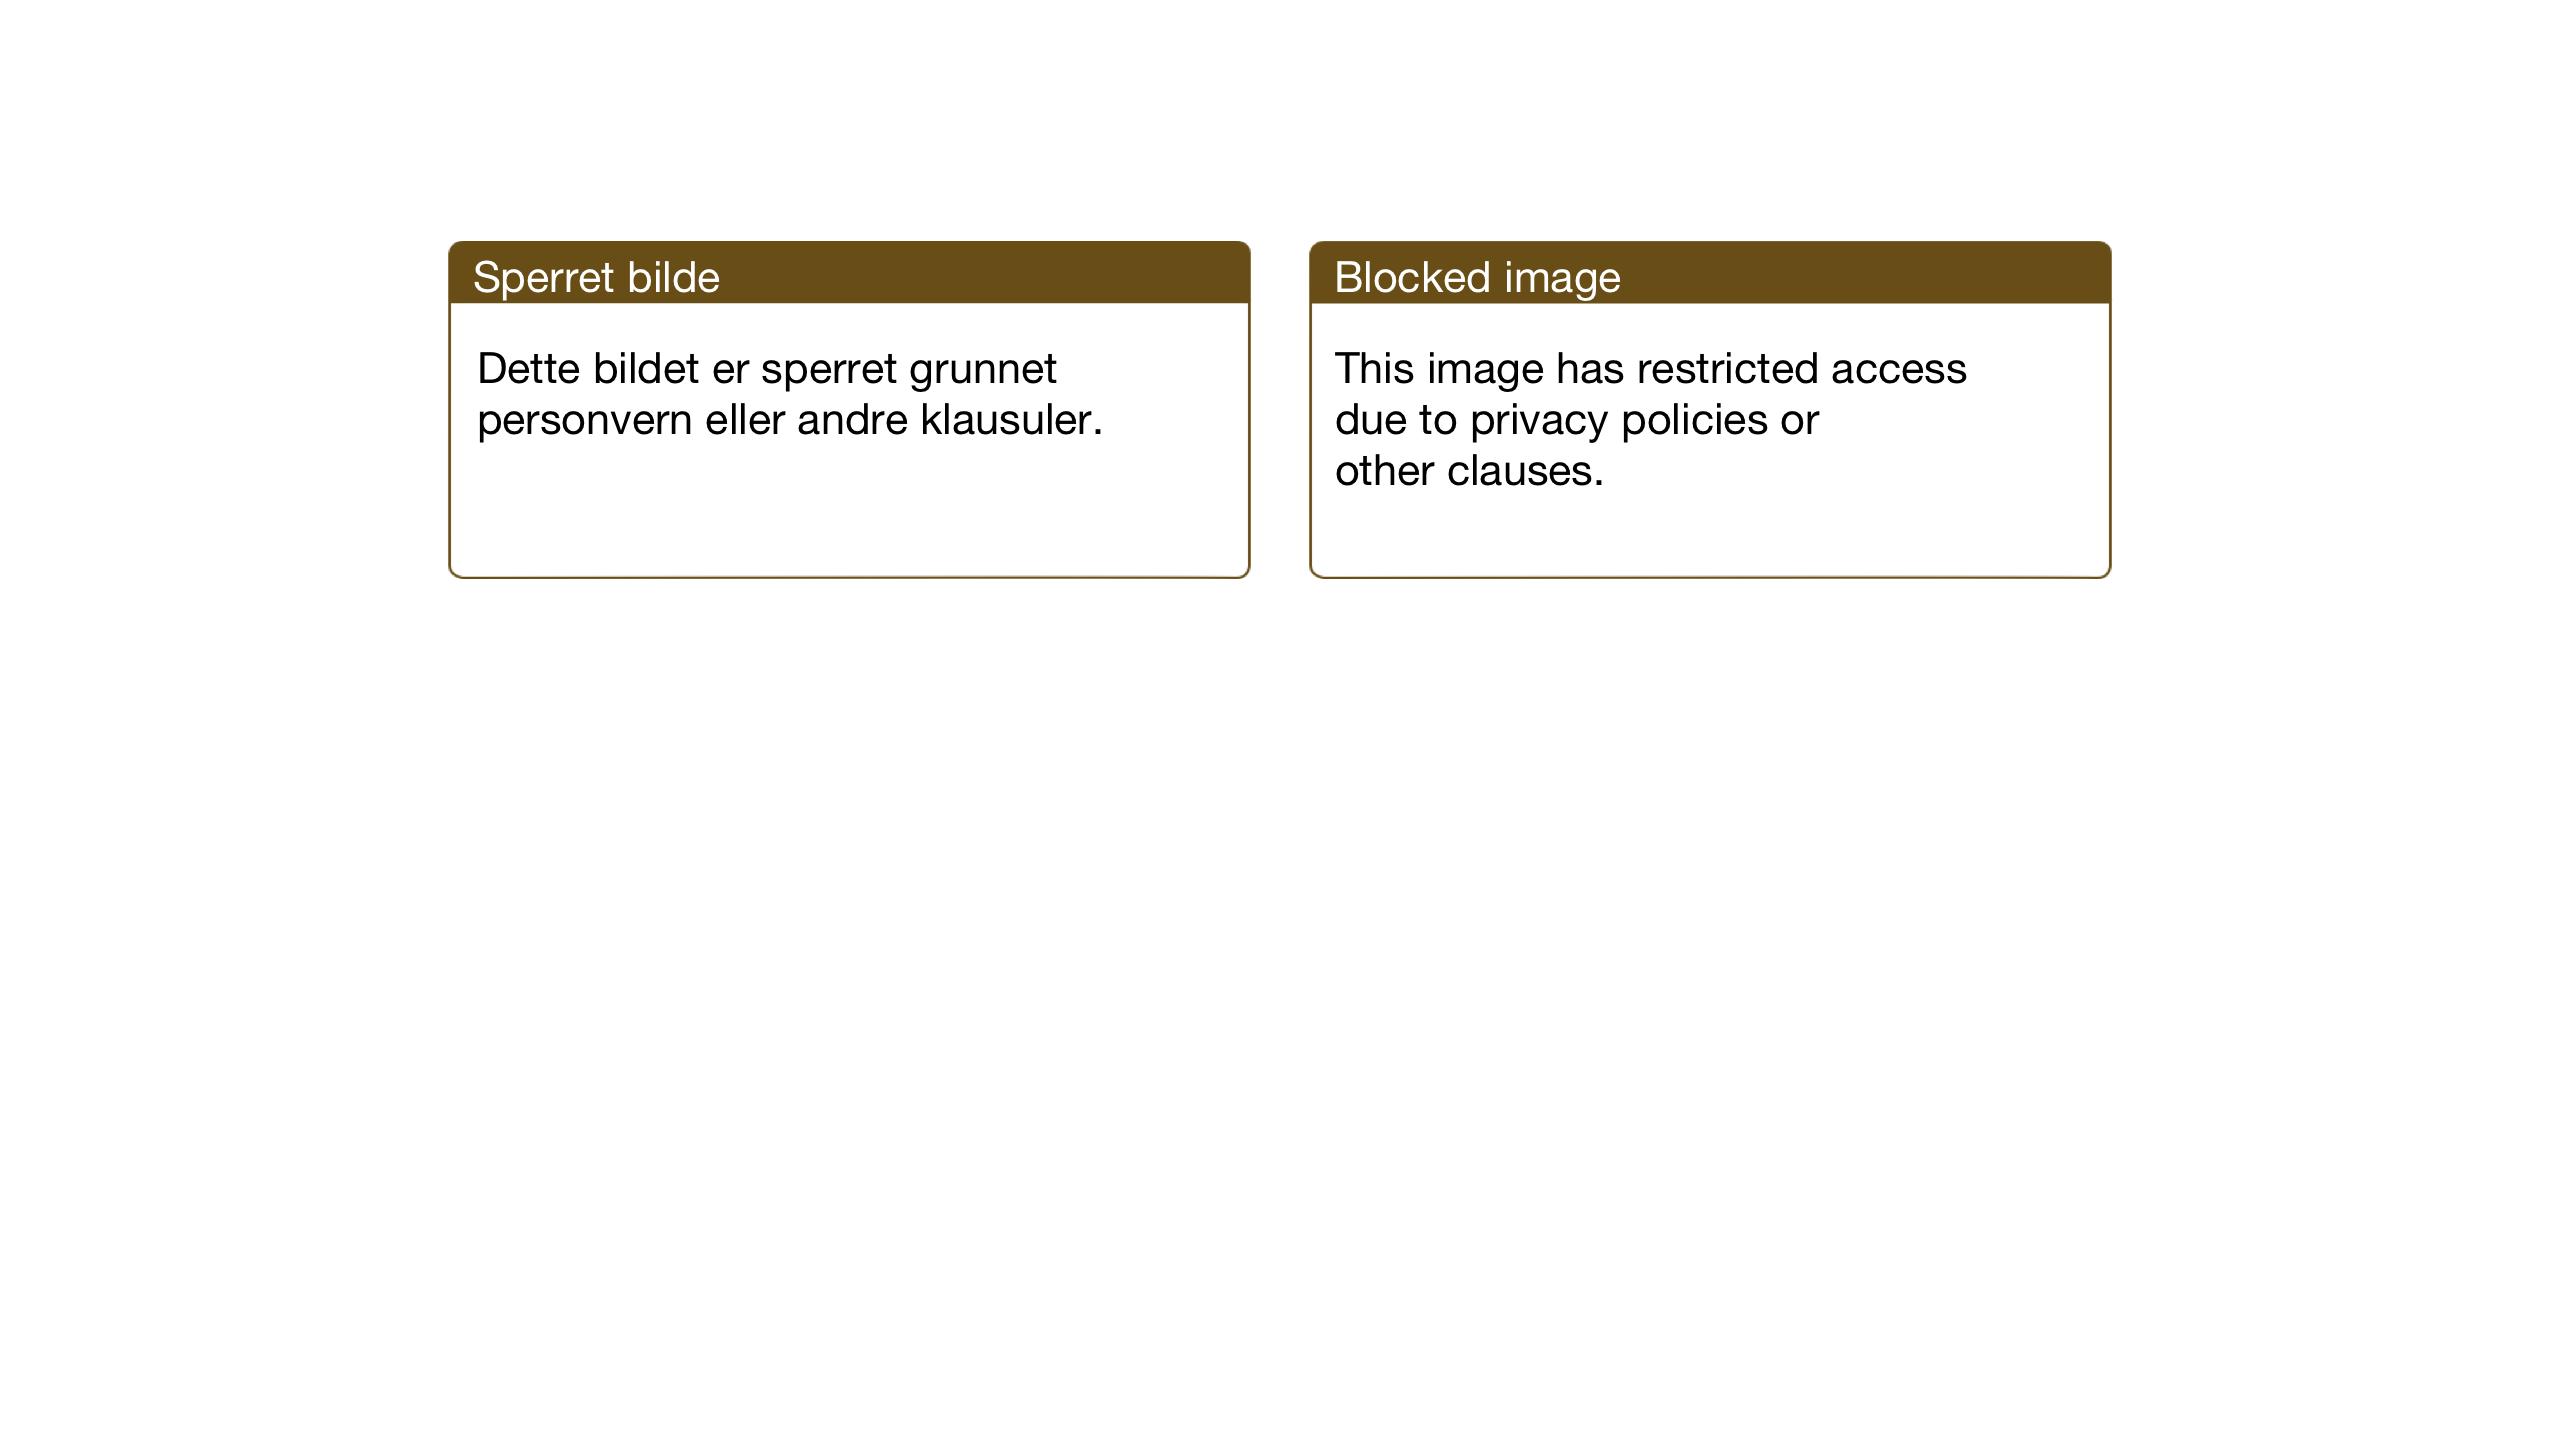 SAT, Ministerialprotokoller, klokkerbøker og fødselsregistre - Sør-Trøndelag, 698/L1169: Klokkerbok nr. 698C06, 1930-1949, s. 133